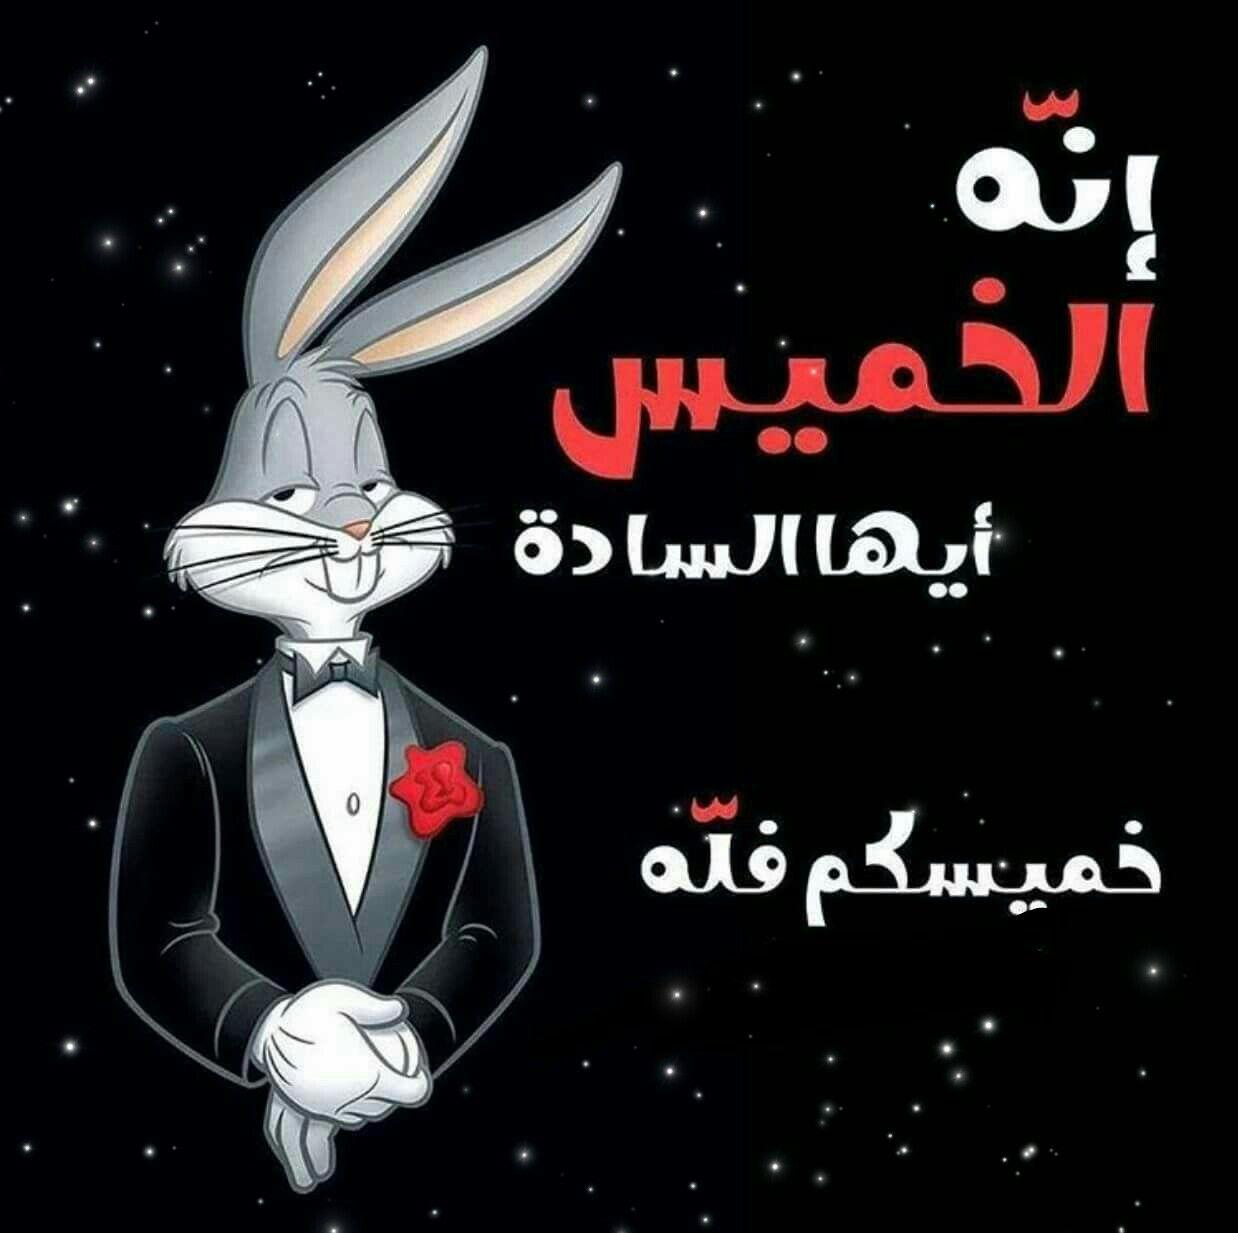 الخميس الونيس Funny Arabic Quotes Movie Posters Poster